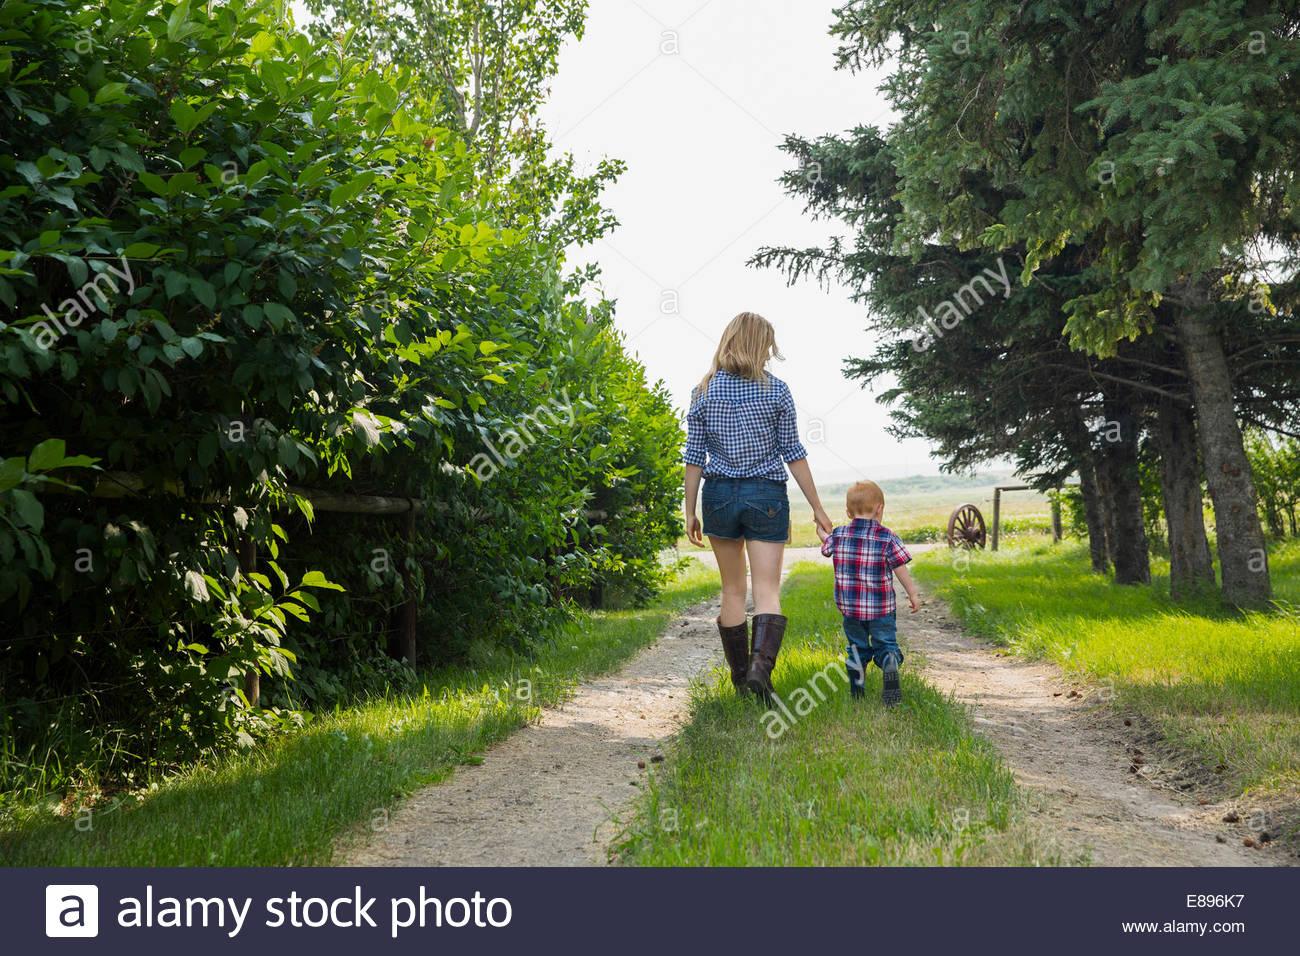 Madre e figlio camminando sulla strada rurale Immagini Stock